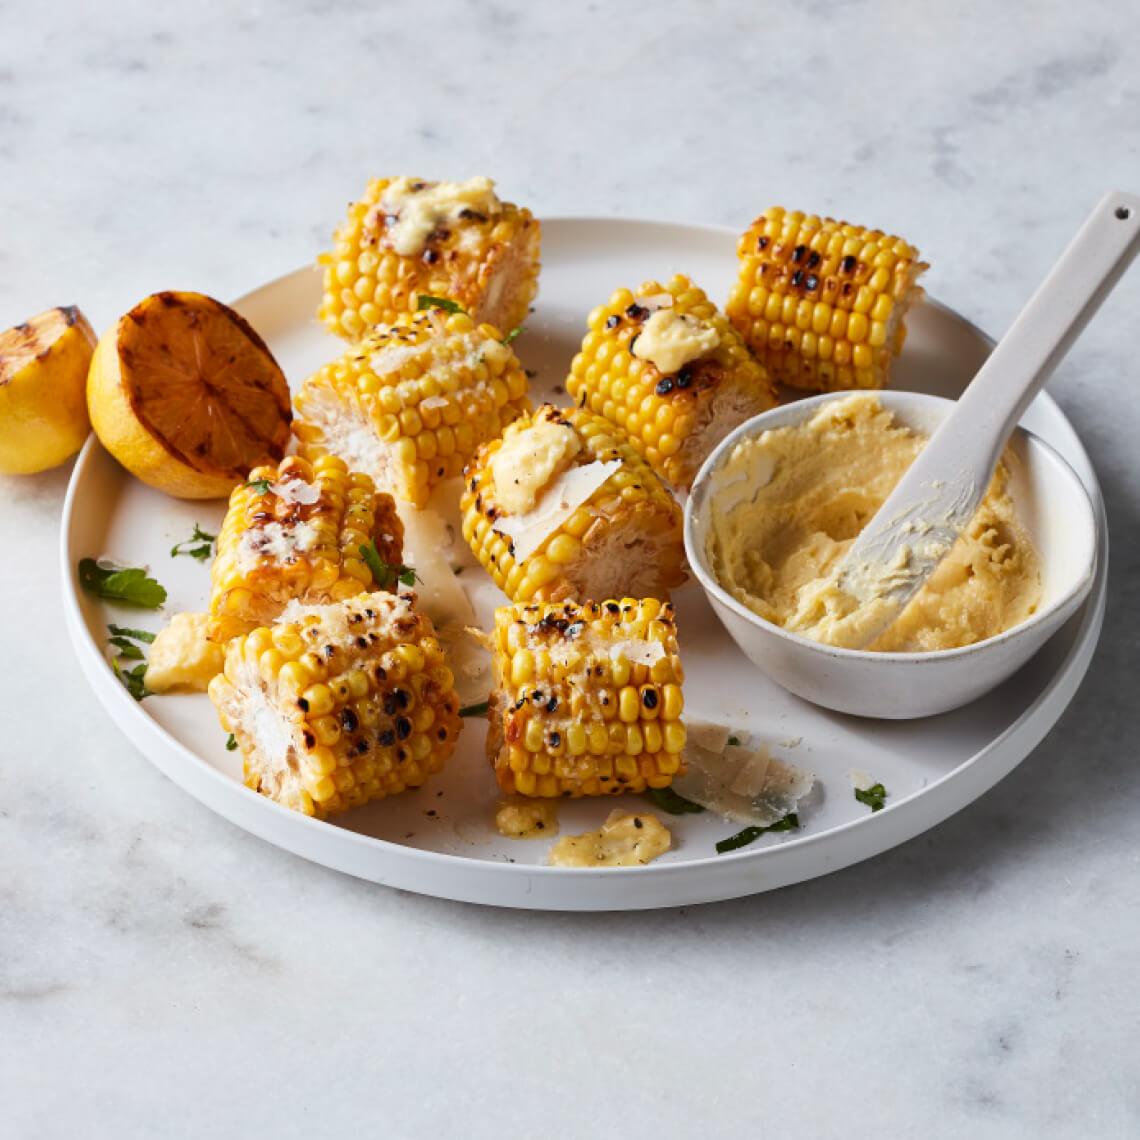 Corn cobettes with lemon and parmesan butter